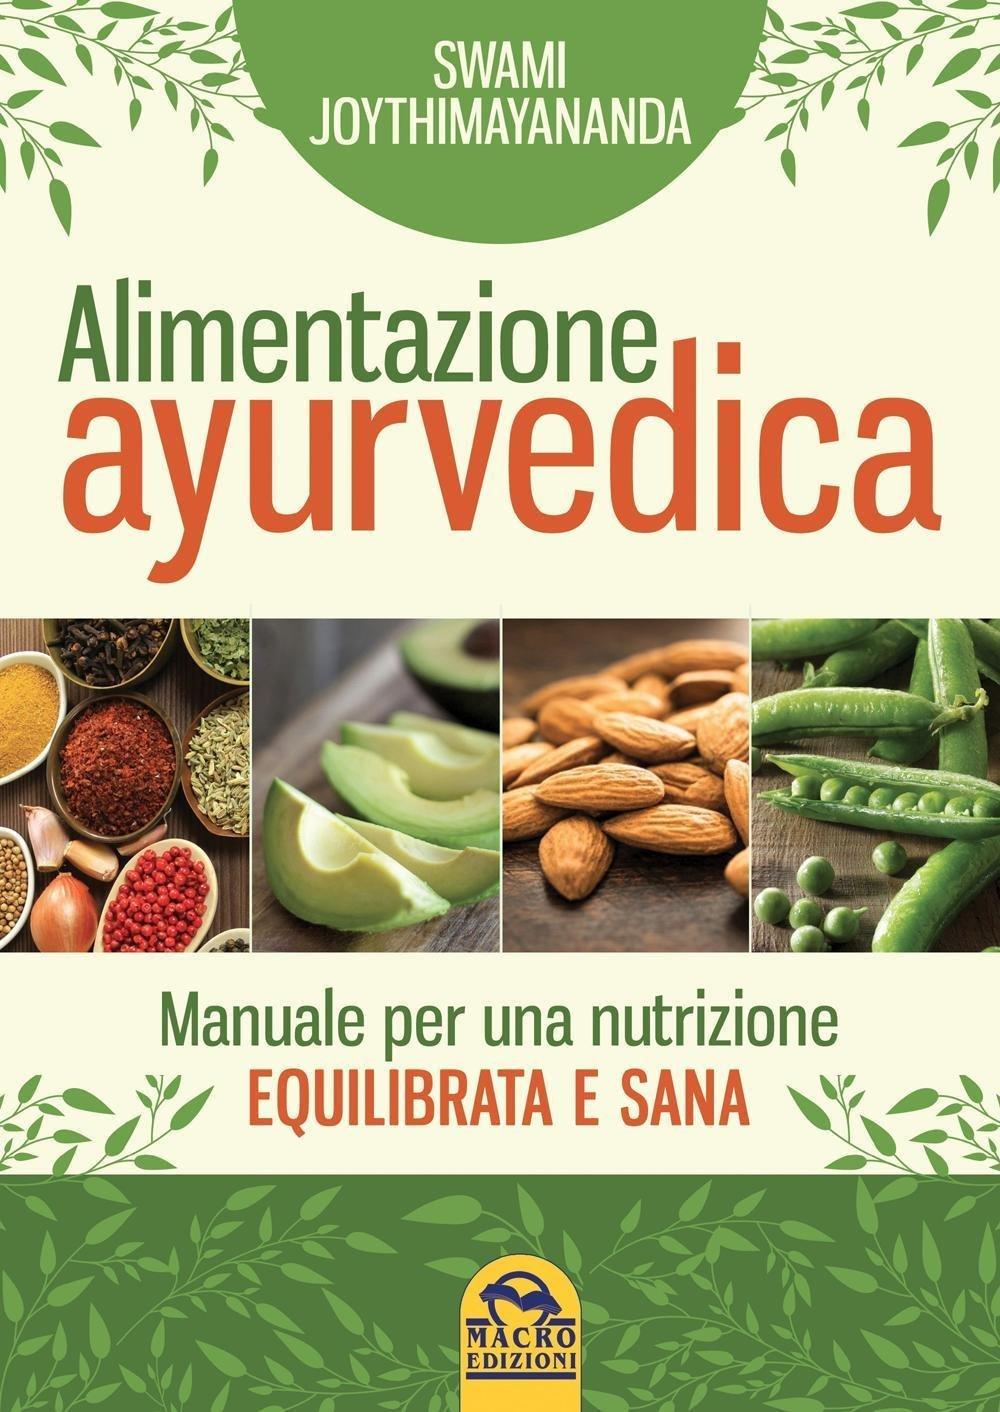 Nutrizione ayurvedica. Manuale per una nutrizione equilibrata e sana